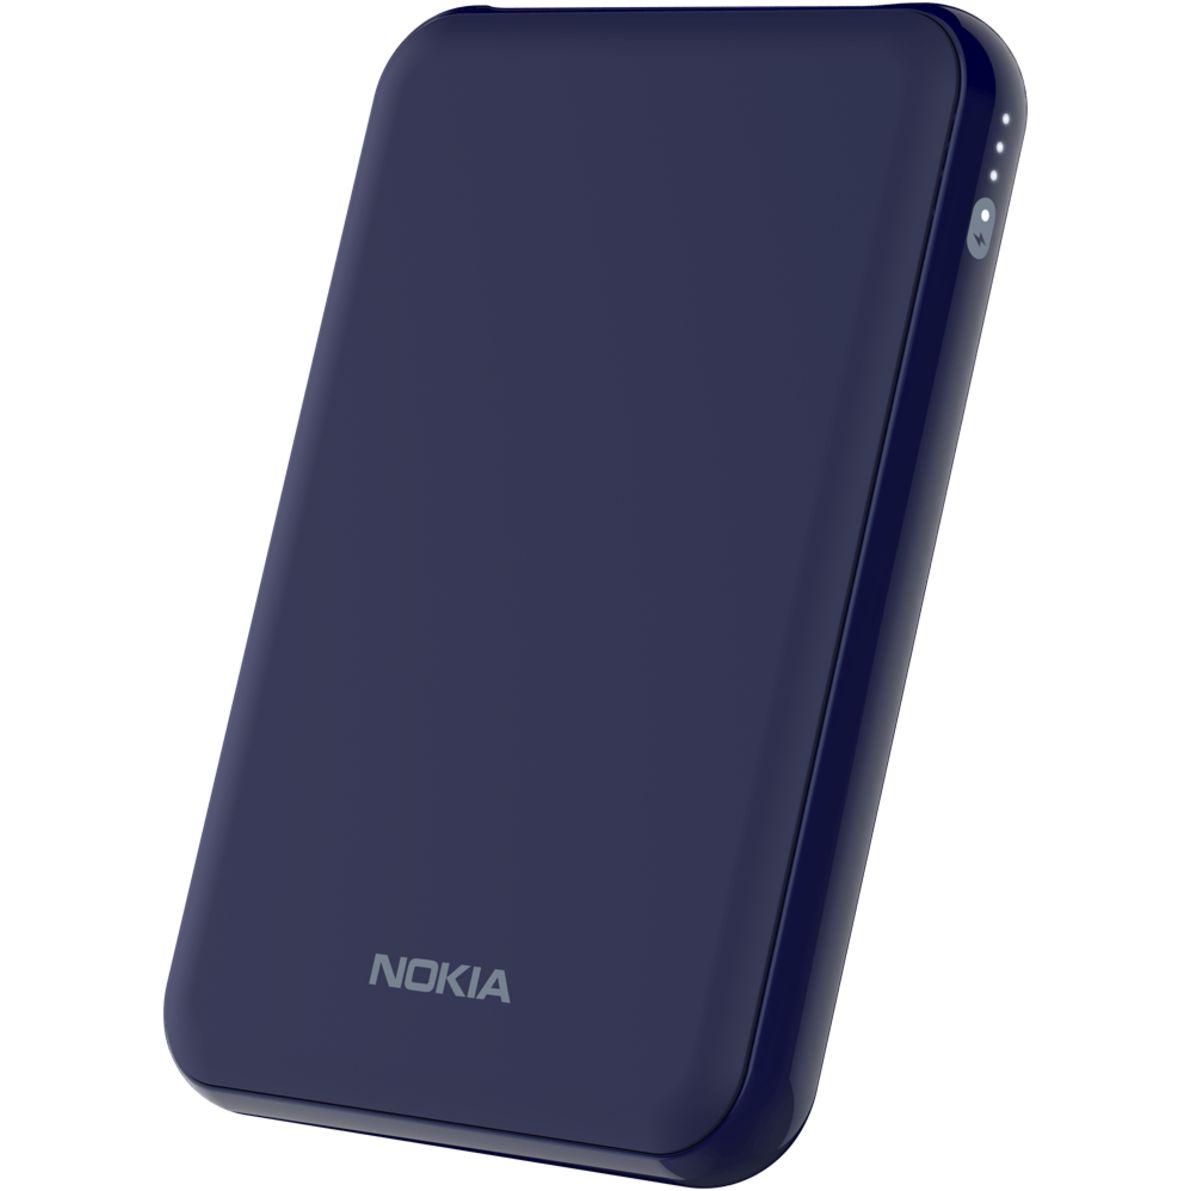 Nokia Portable Wireless Charger | Nokia phones